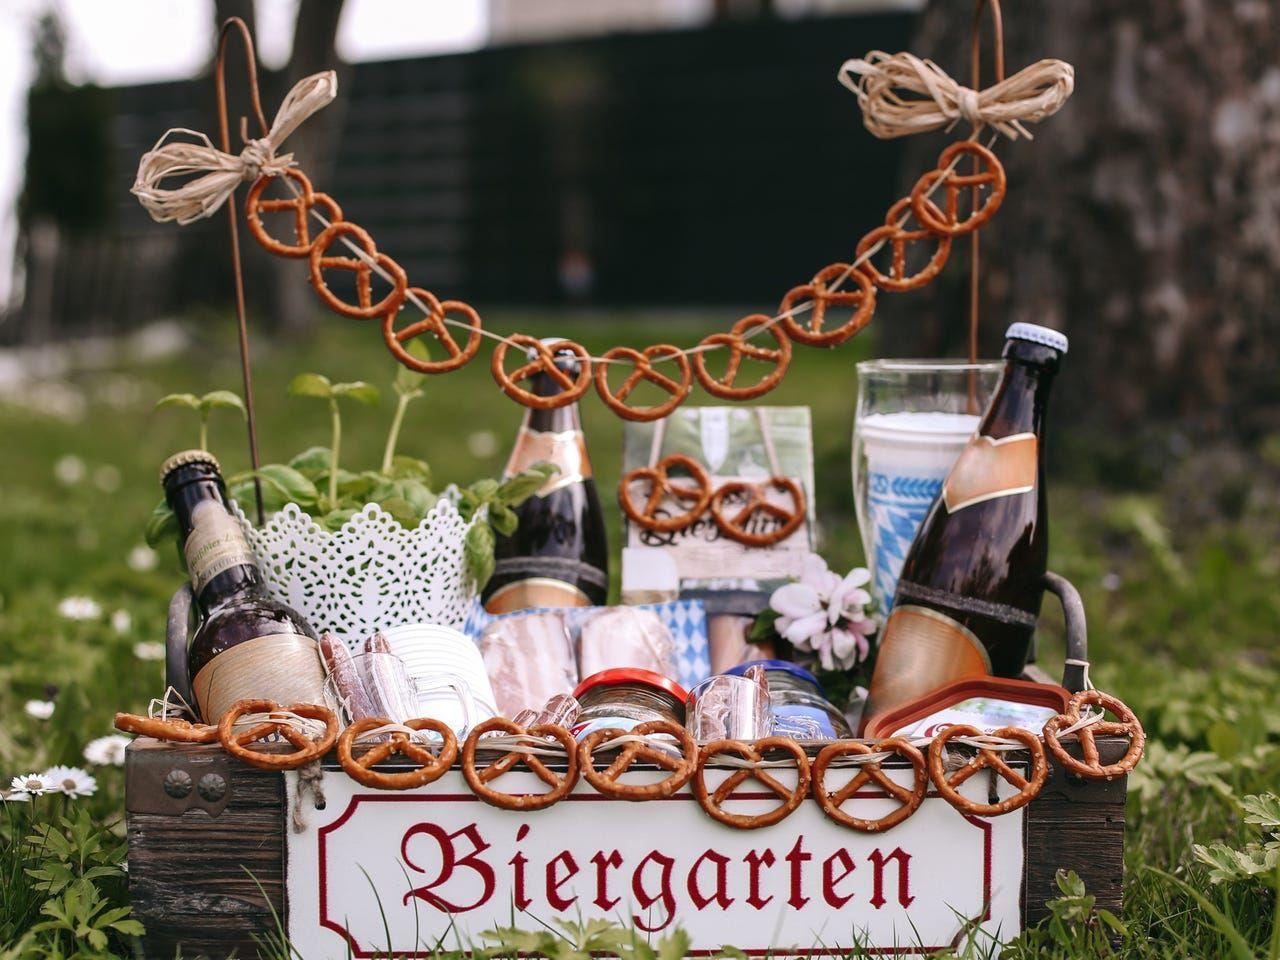 Ein Tolles Geschenk Fur Den Mann Der Bayrische Biergarten In 2020 Geburtstag Geschenke Selber Machen Alkohol Geschenke Geschenke